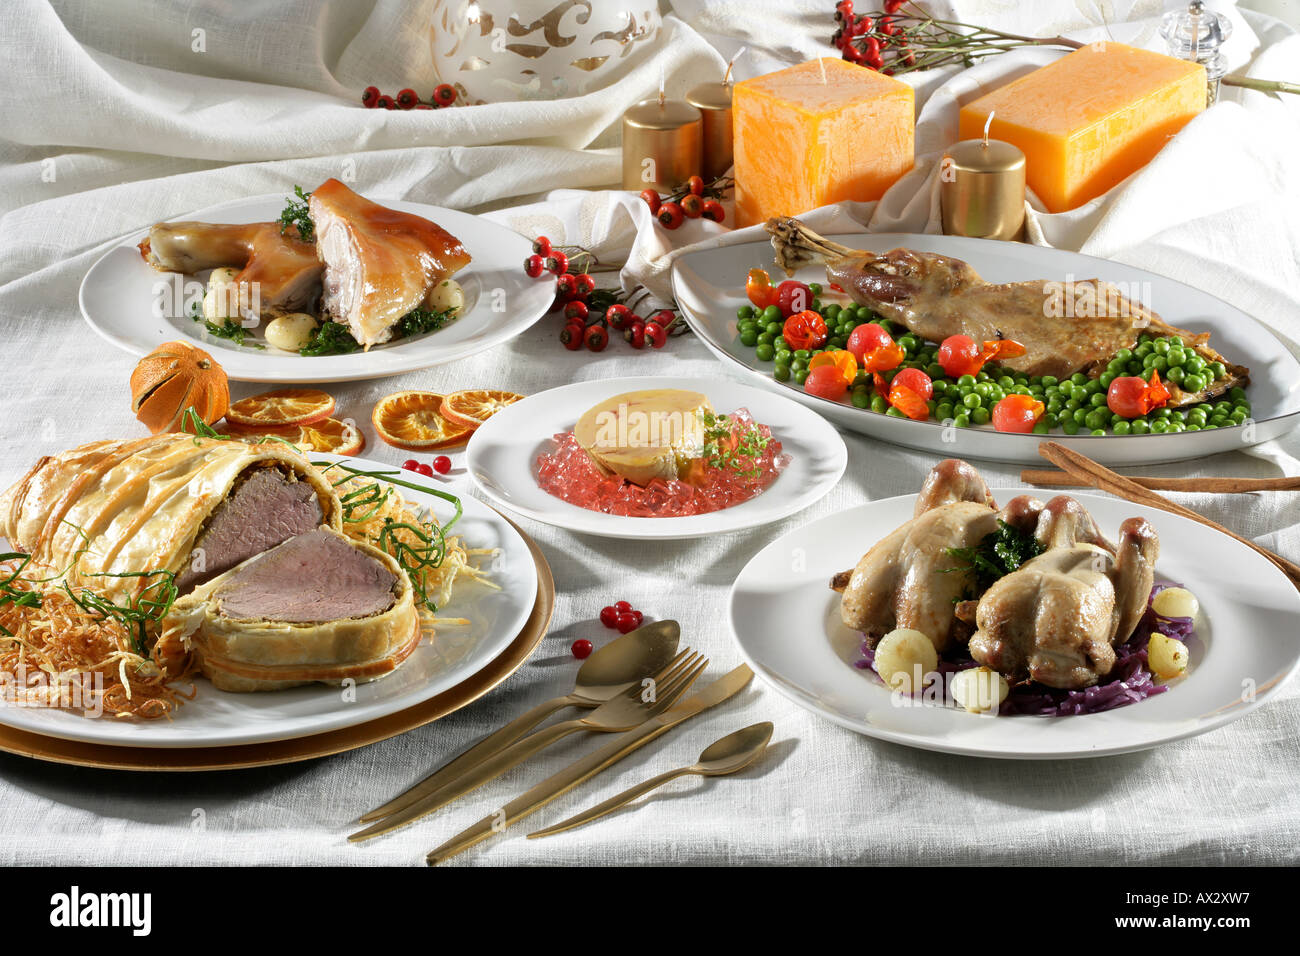 Christmas Meat Dishes.Christmas Meat Dishes Still Life Stock Photo 9549334 Alamy